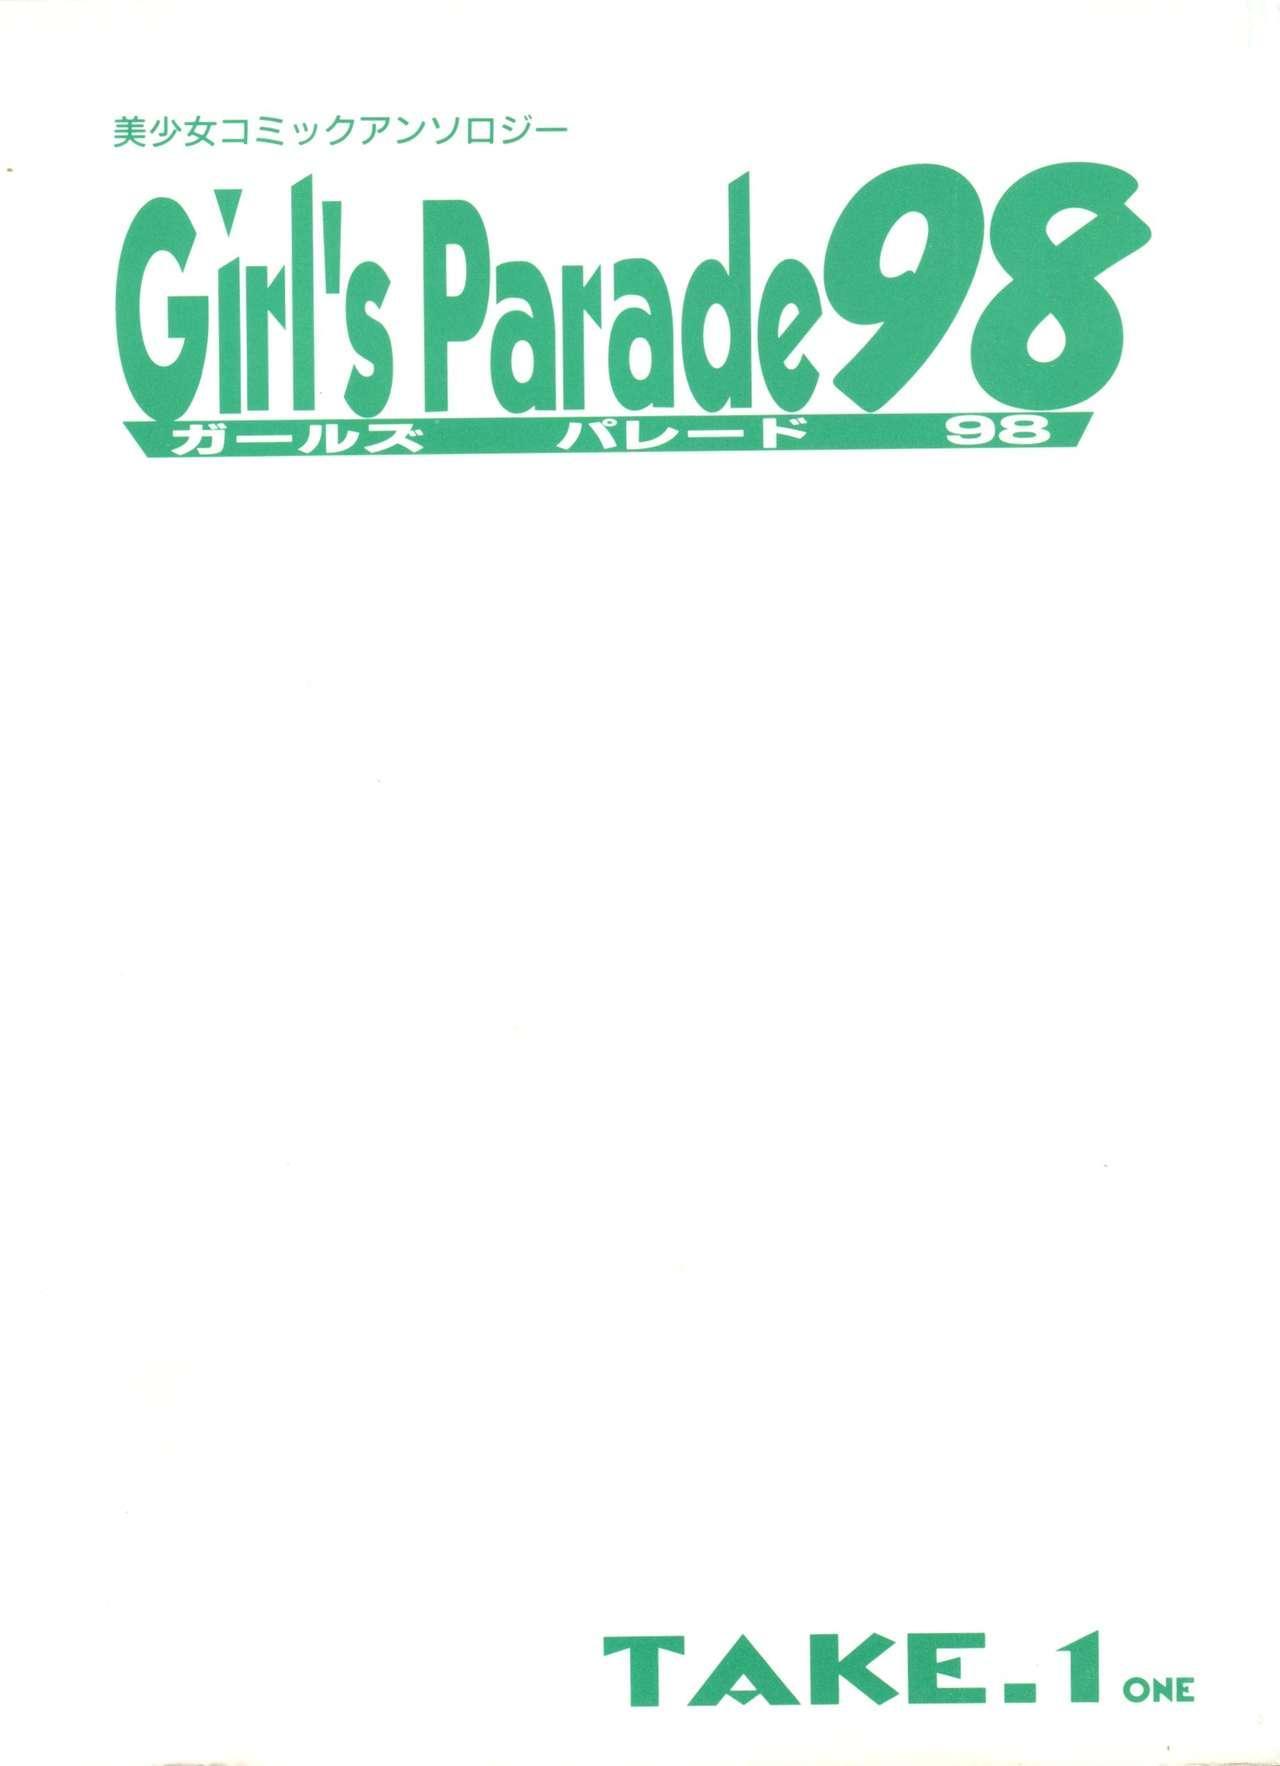 Girl's Parade 98 Take 1 3